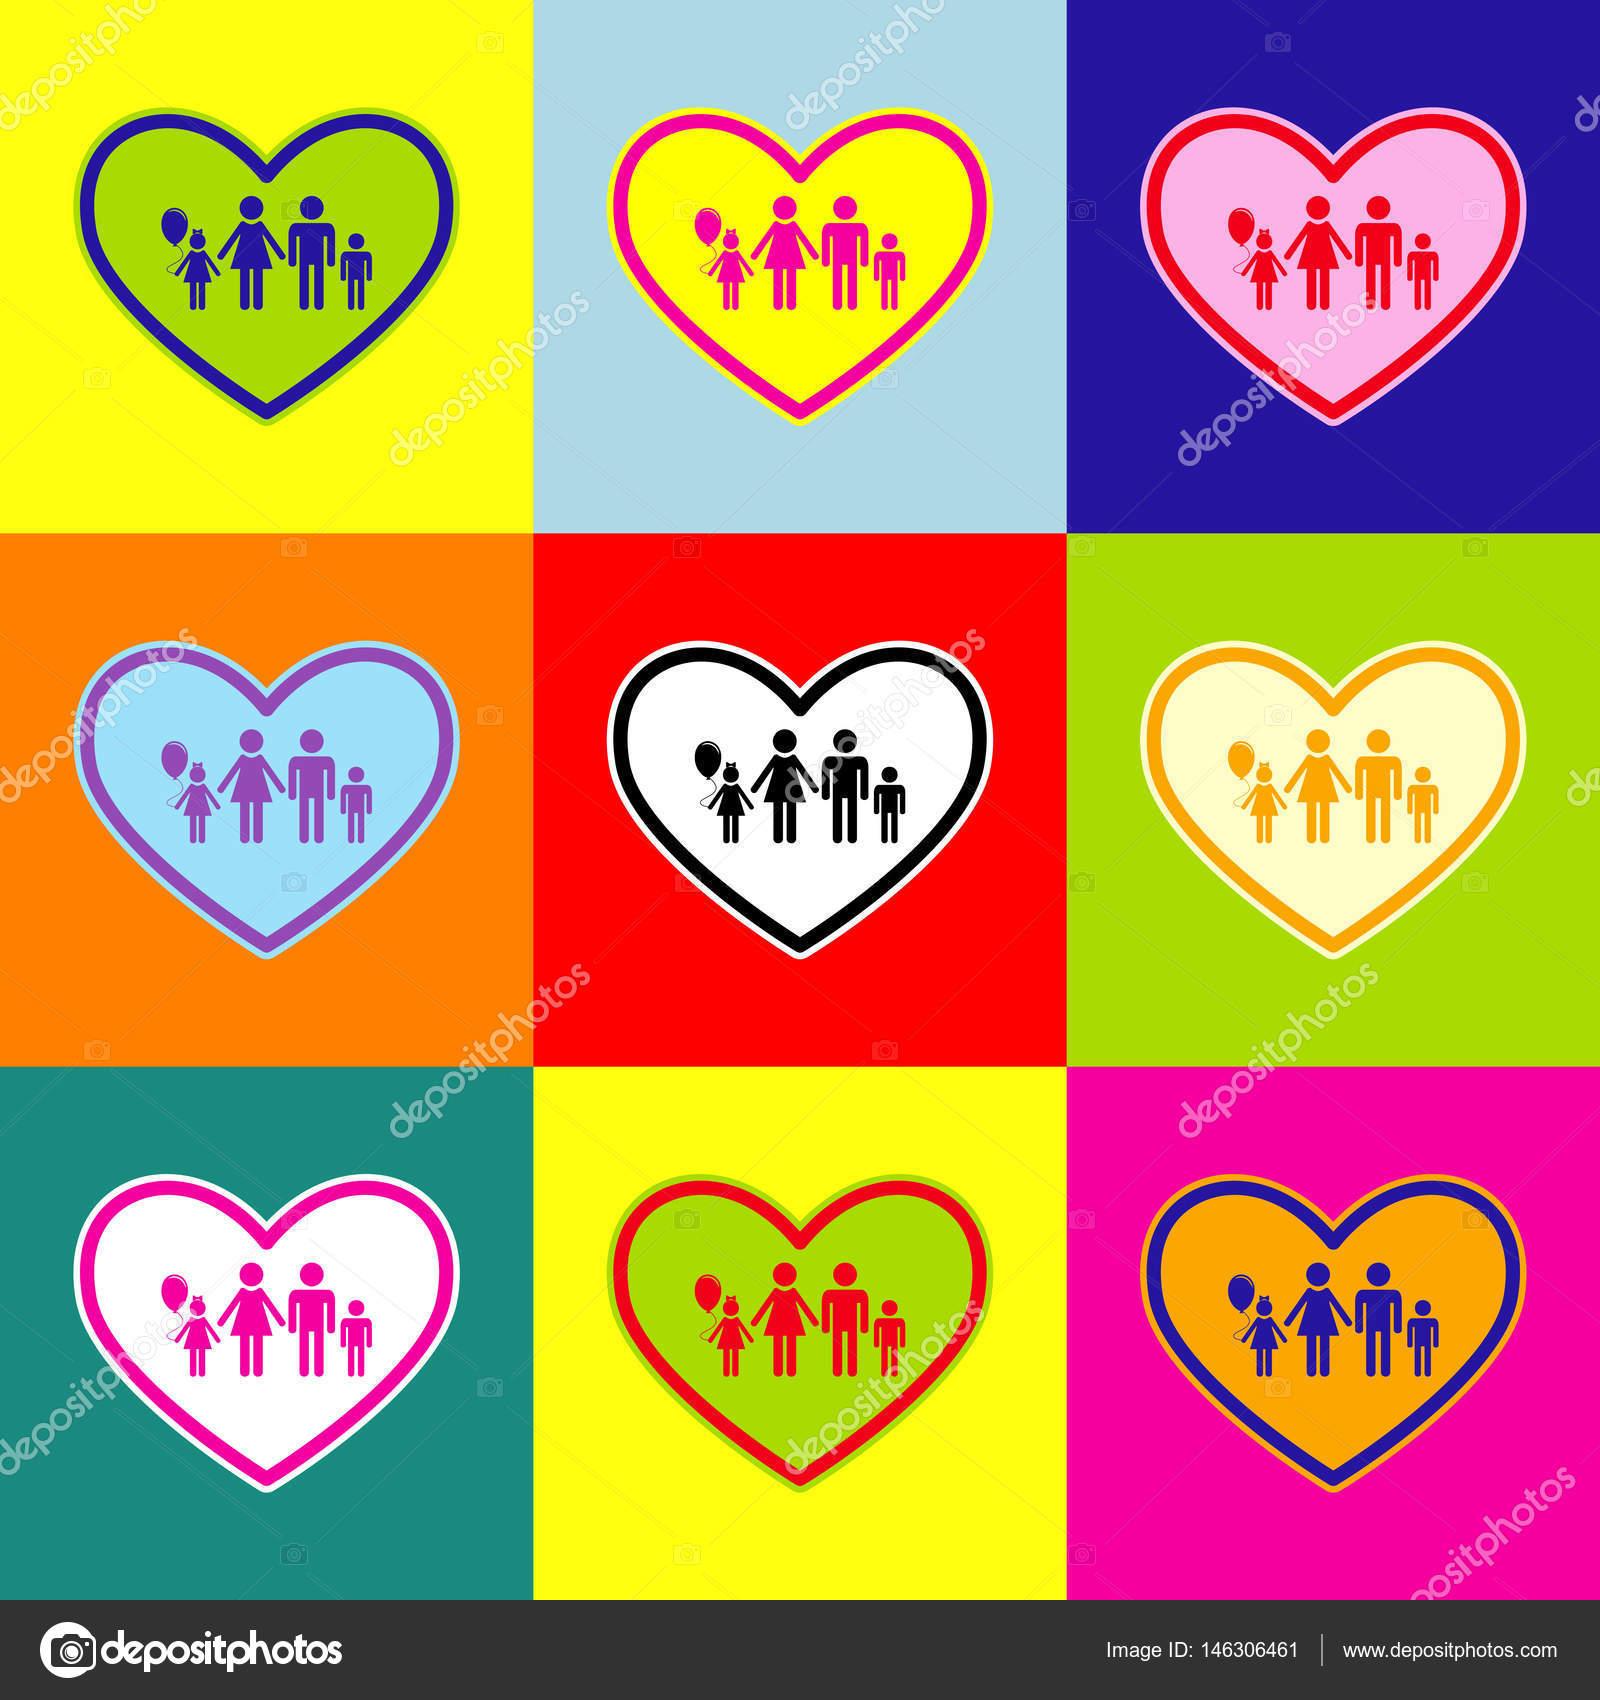 Family sign illustration in heart shape. Vector. Pop-art style ...